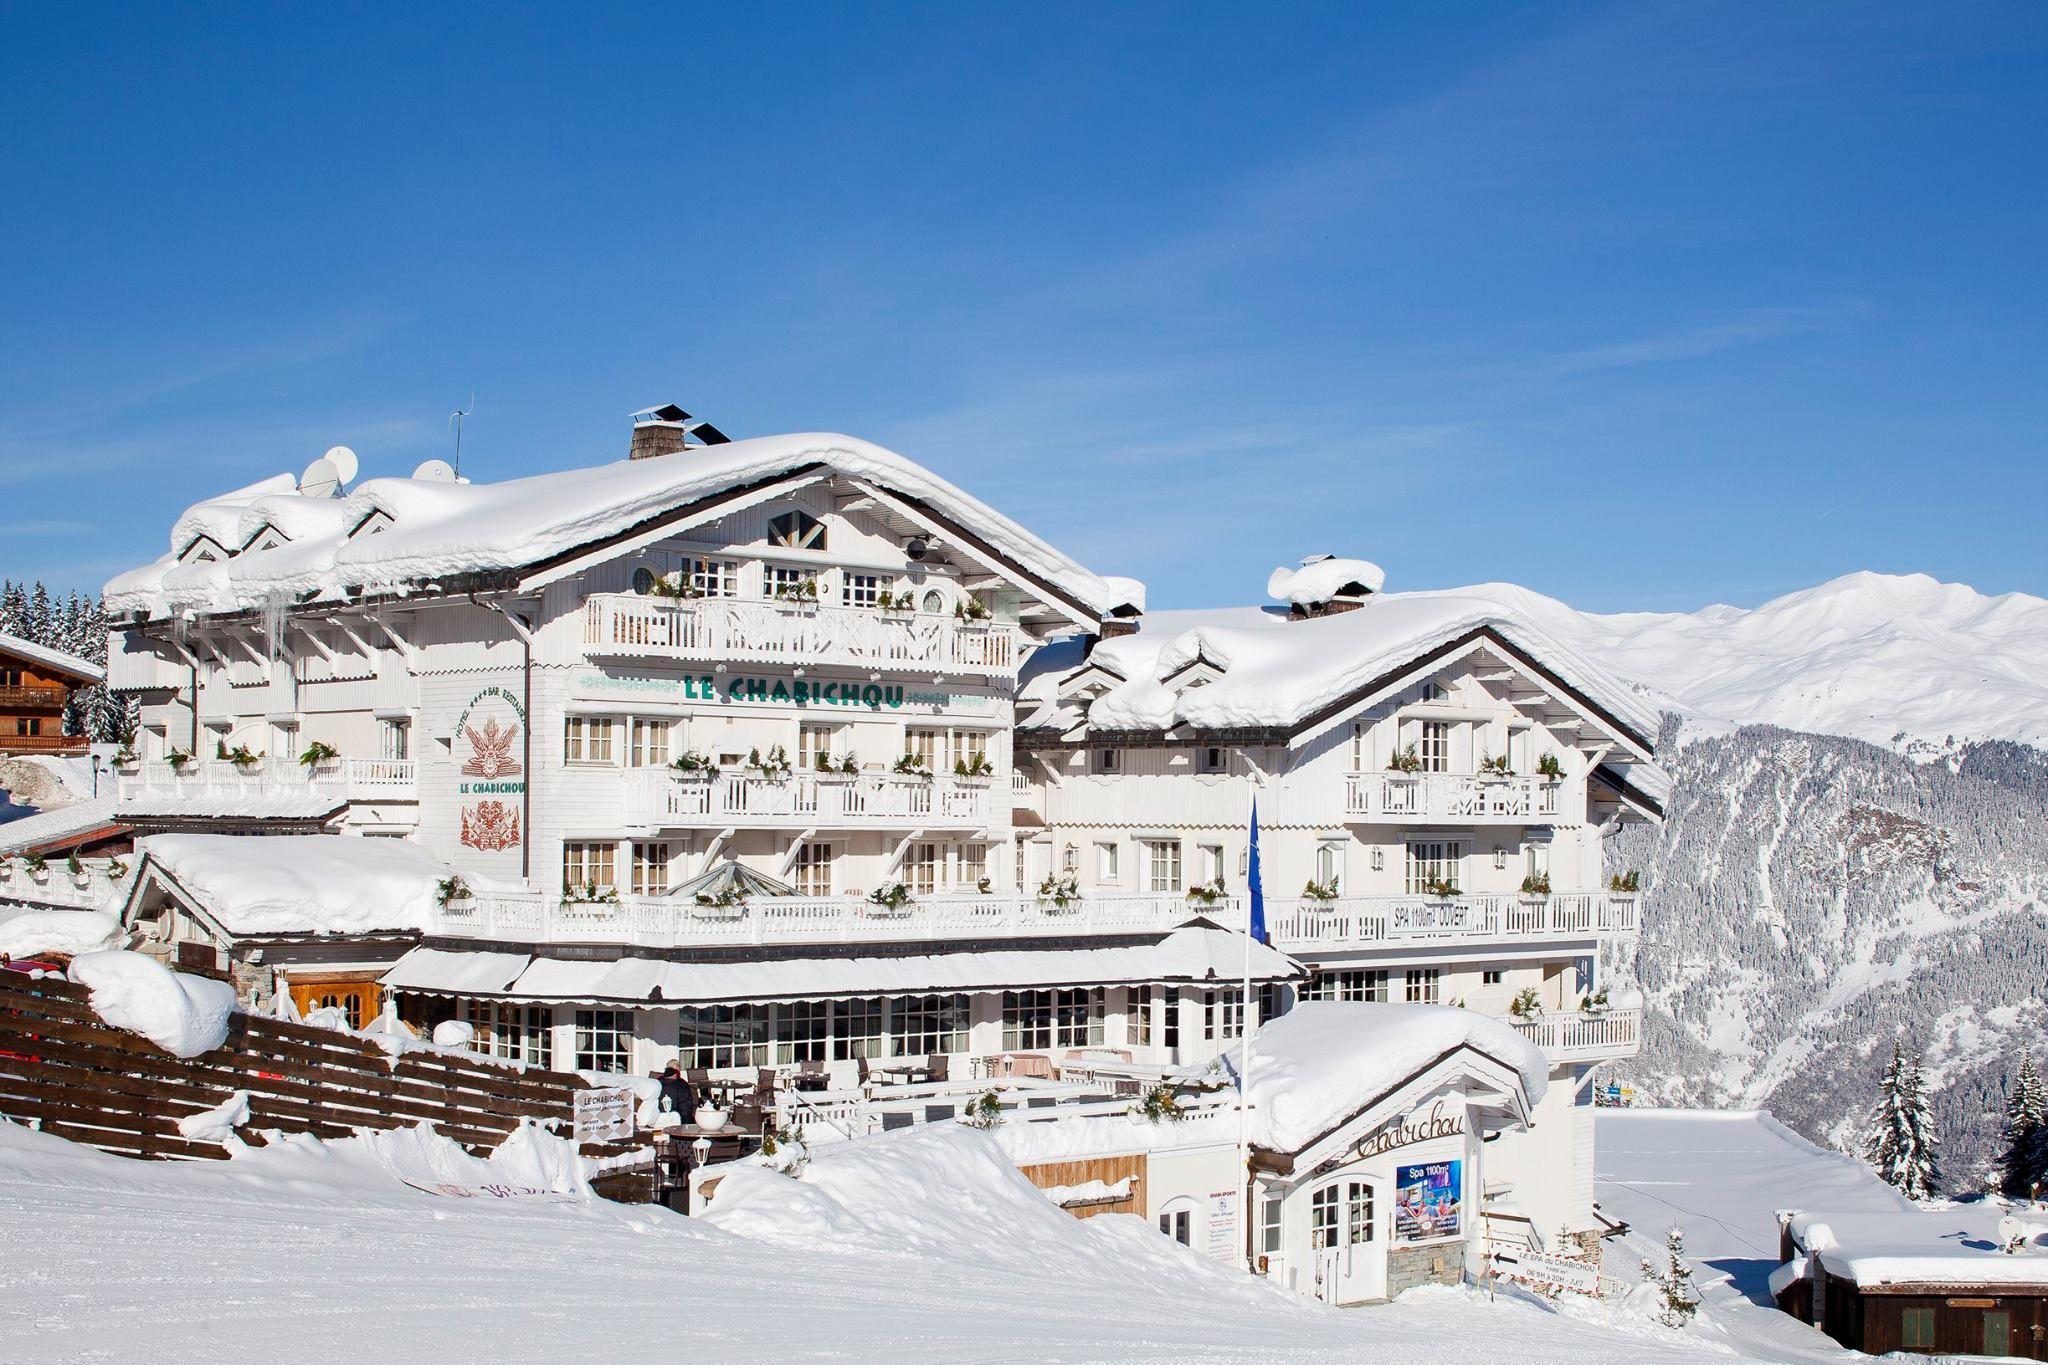 Lavorel Hotels